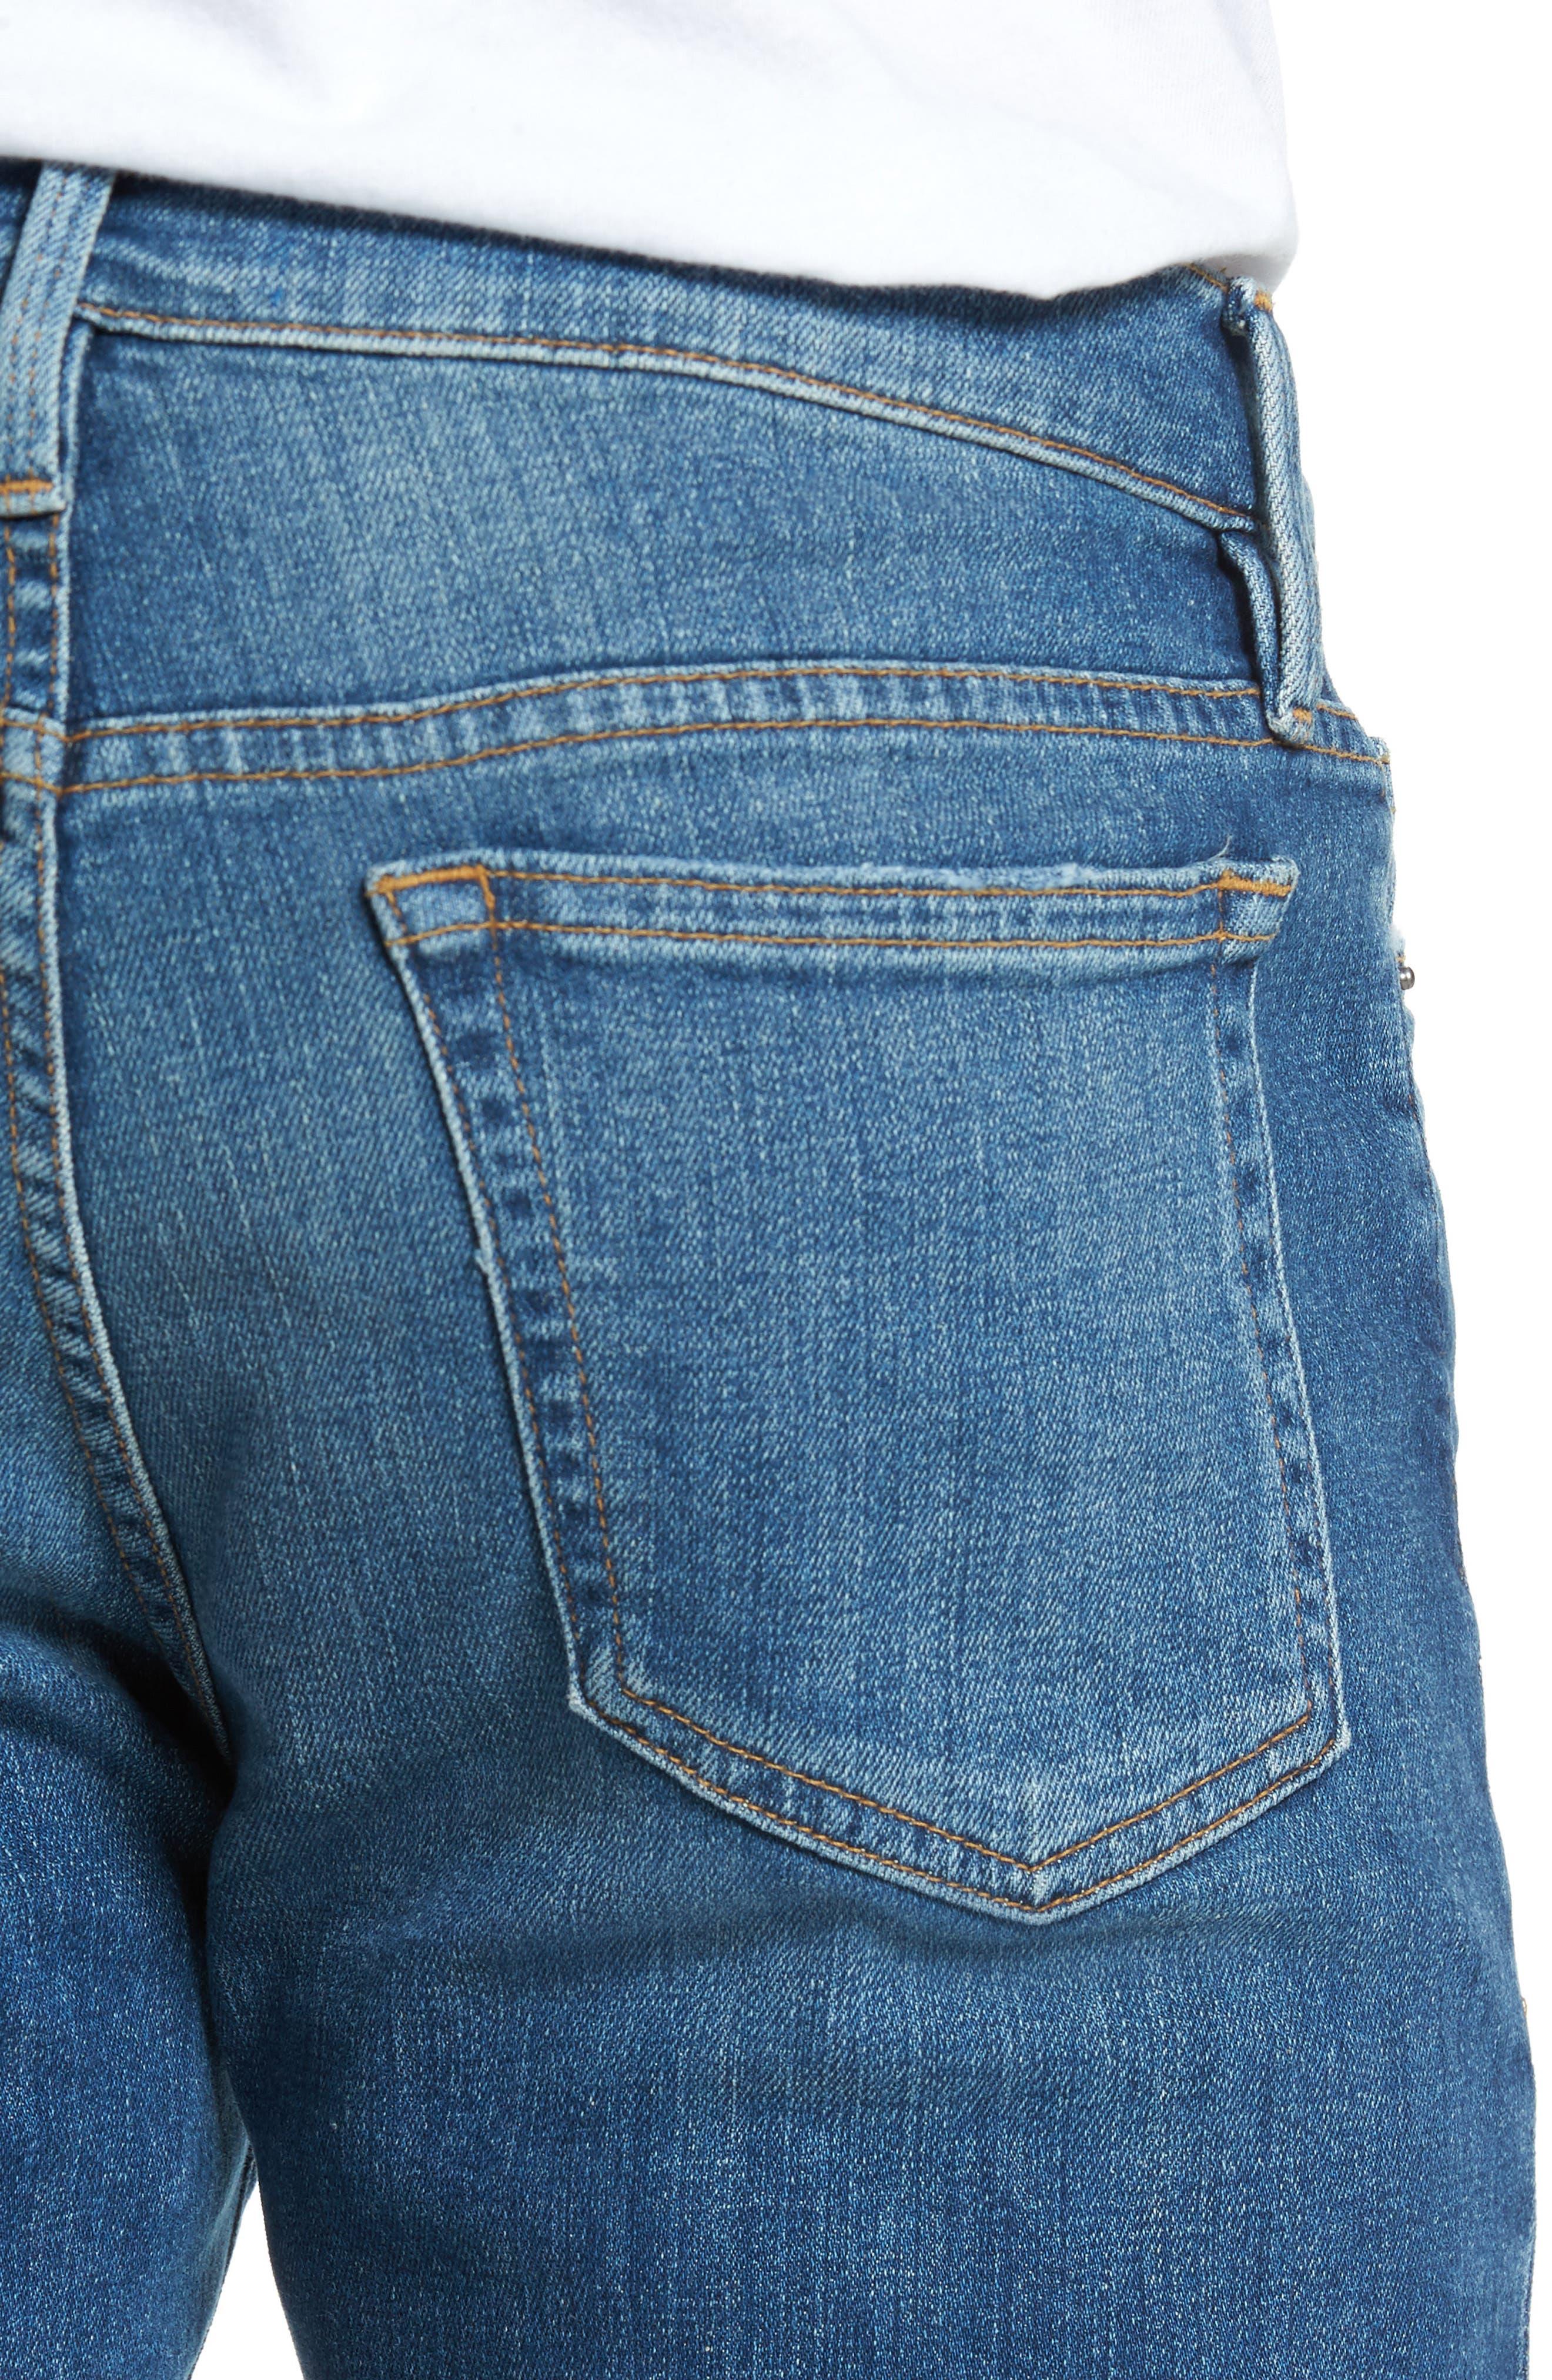 L'Homme Slim Fit Jeans,                             Alternate thumbnail 4, color,                             407